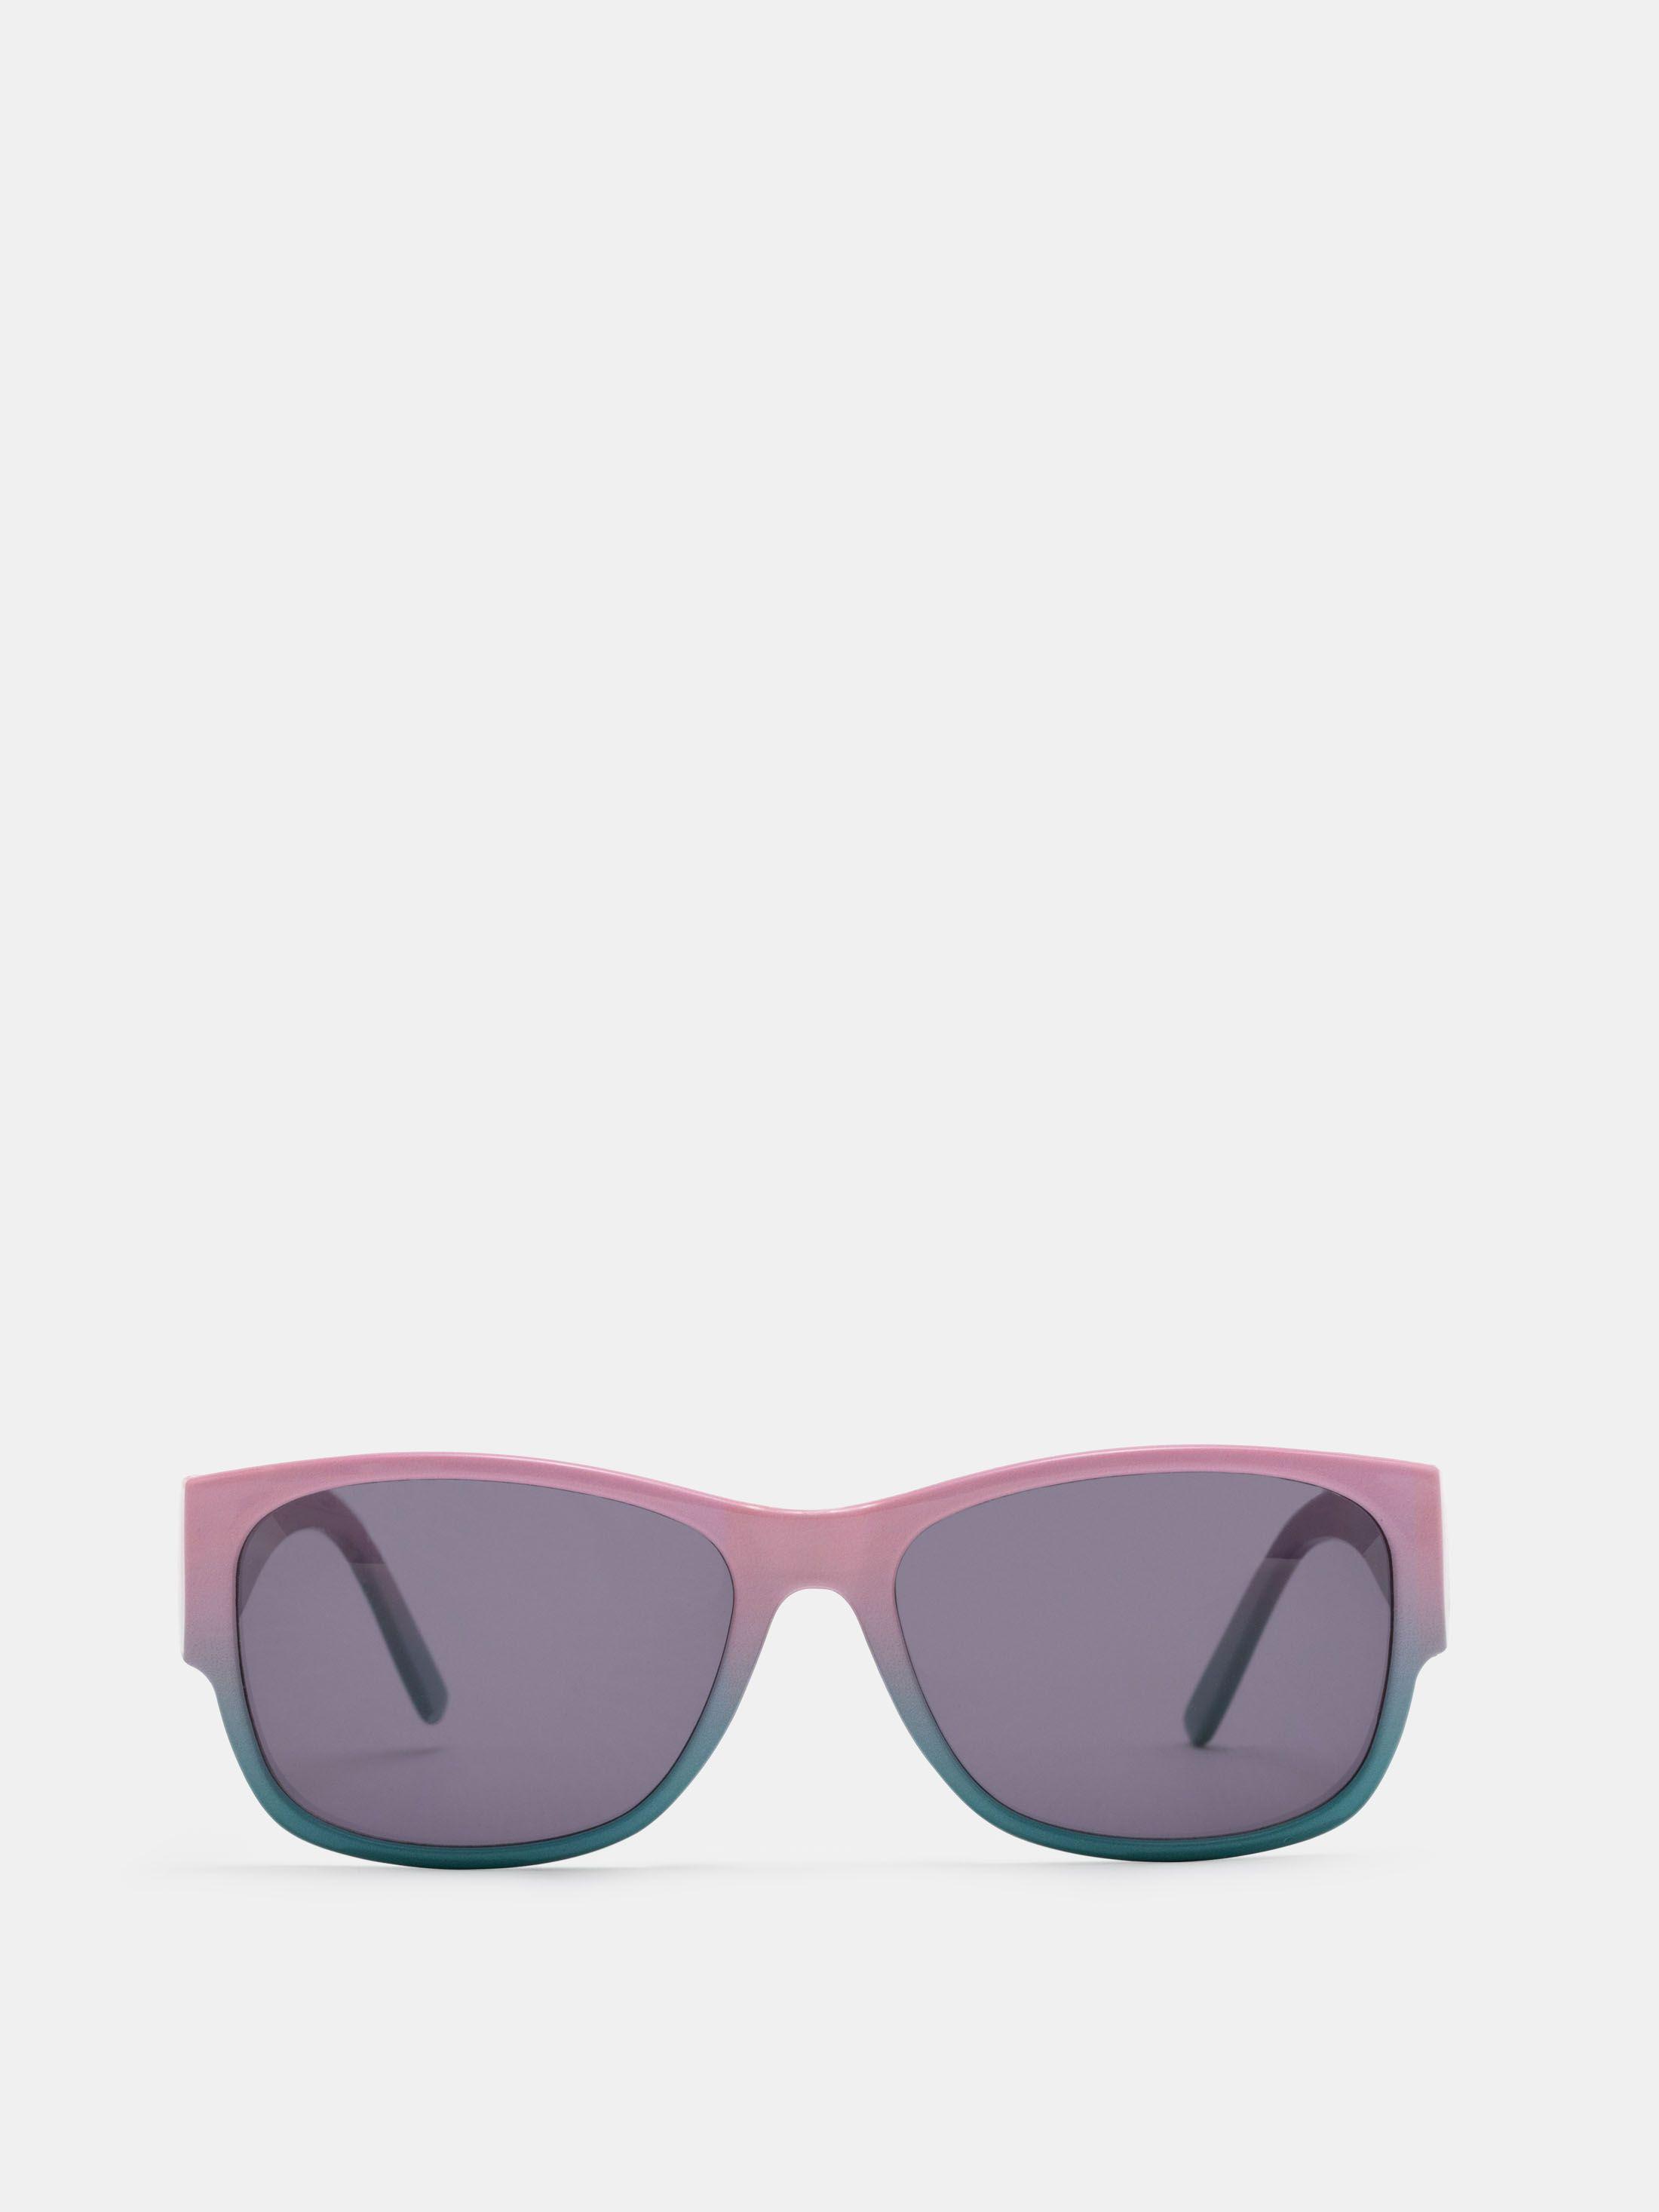 occhiali personalizzati